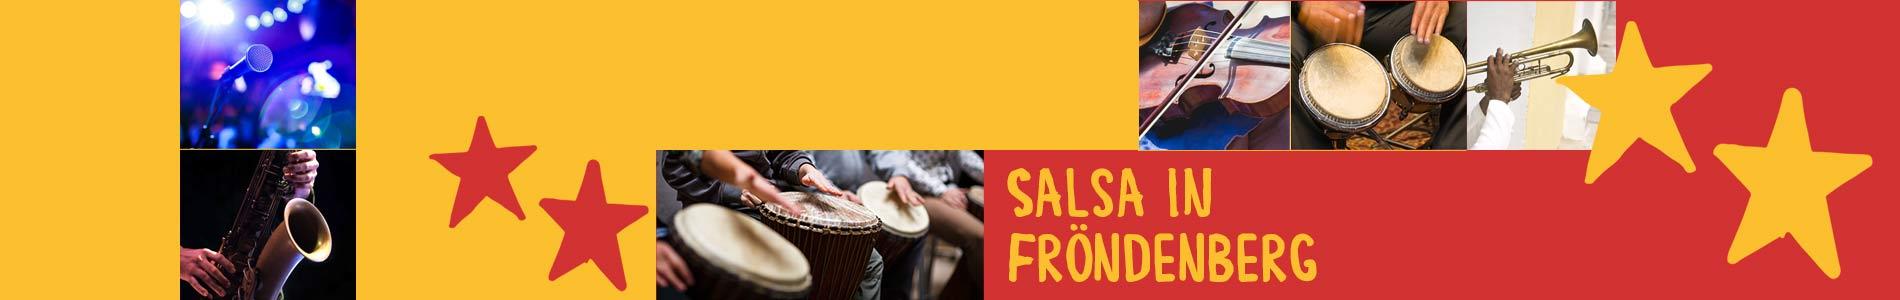 Salsa in Fröndenberg – Salsa lernen und tanzen, Tanzkurse, Partys, Veranstaltungen